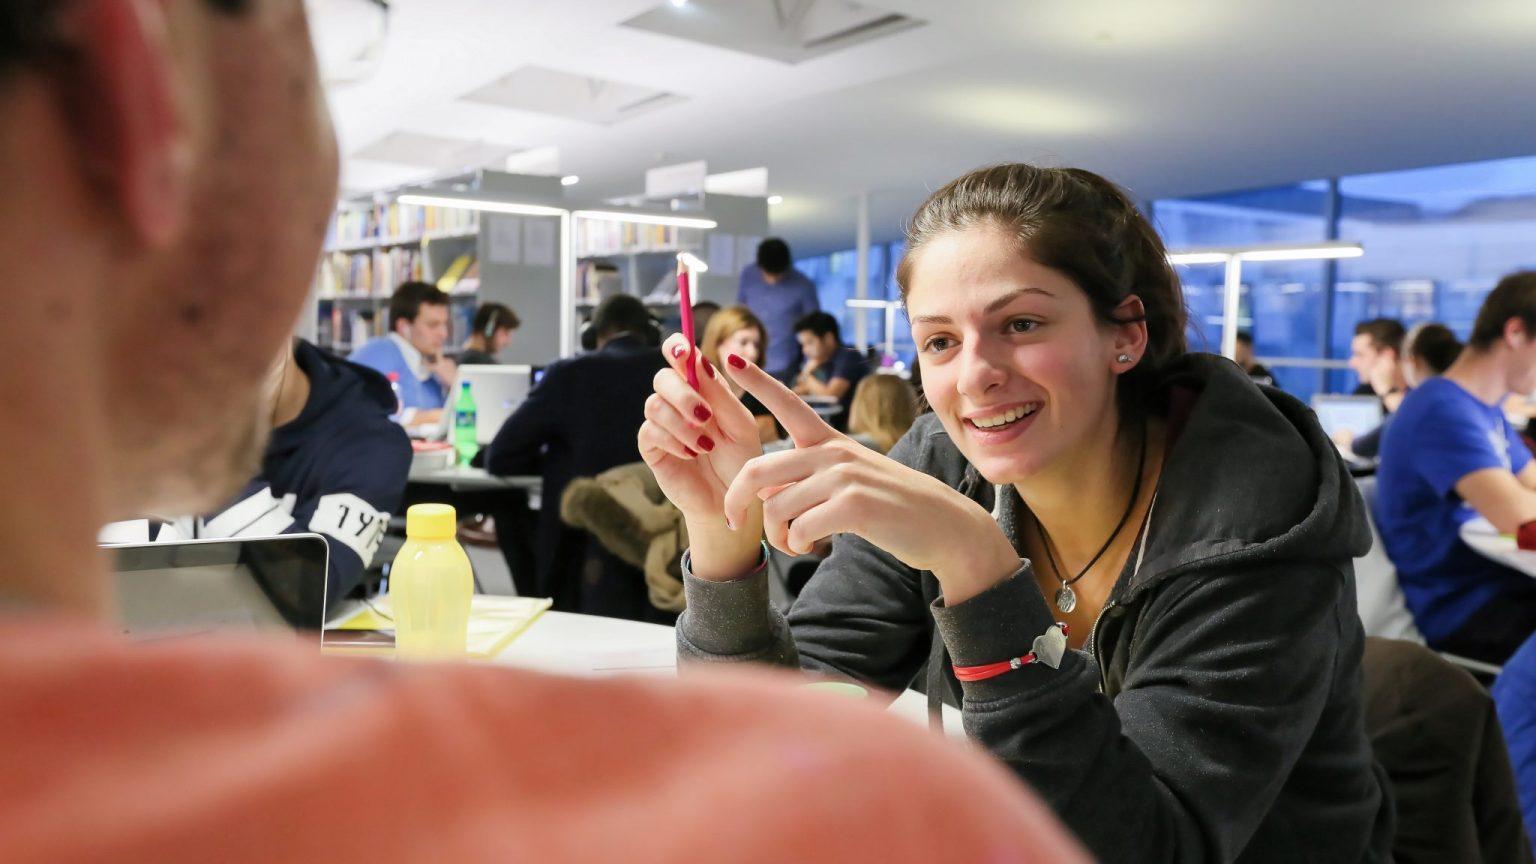 Une étudiante, discutant avec un autre étudiant, durant des révisions au Rolex Learning Center